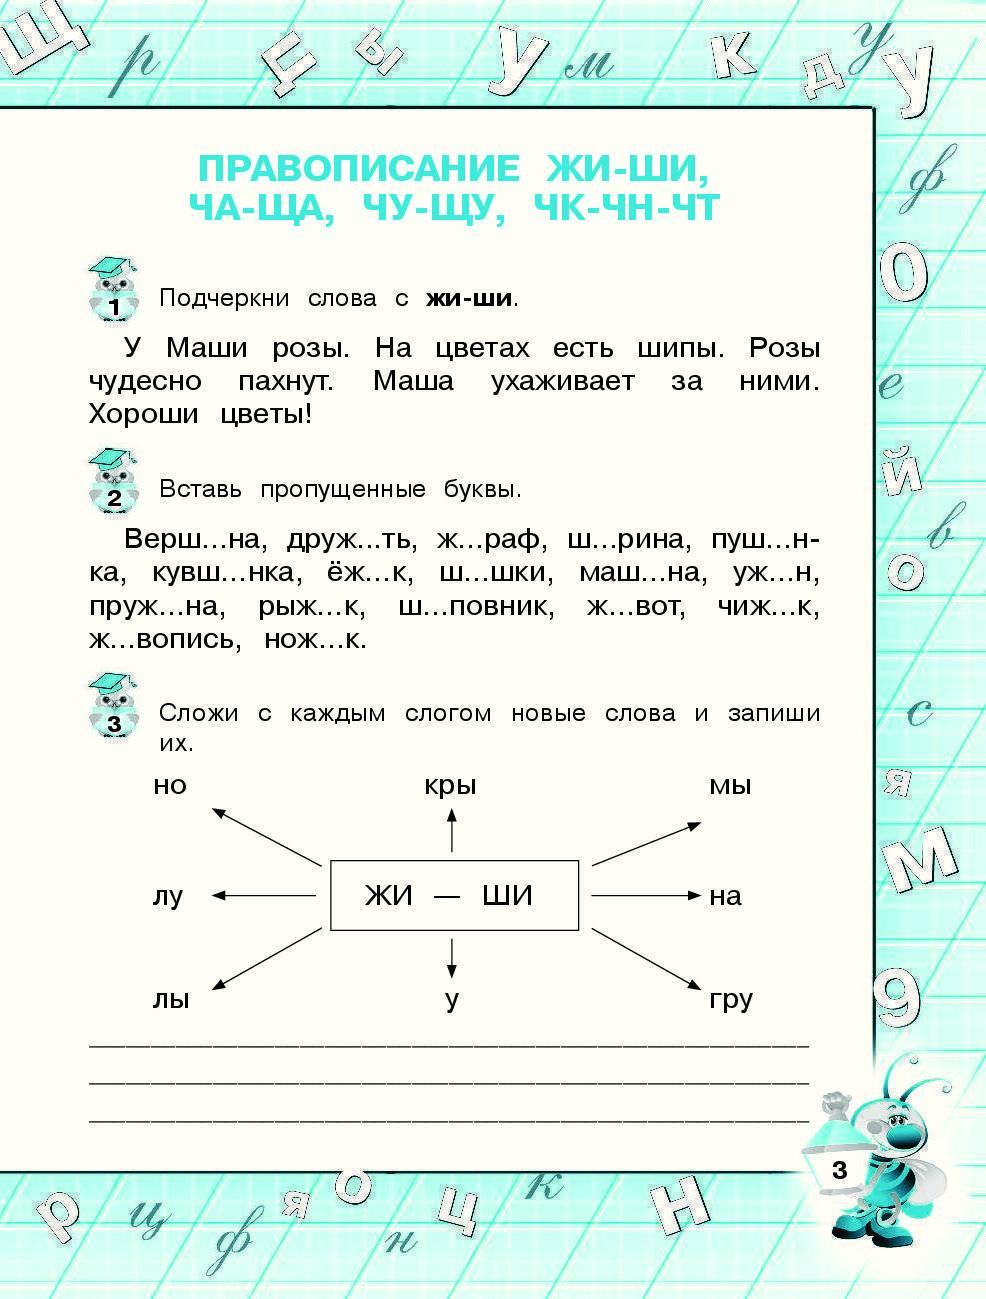 Как научить ребенка грамотно писать диктанты. как повысить грамотность